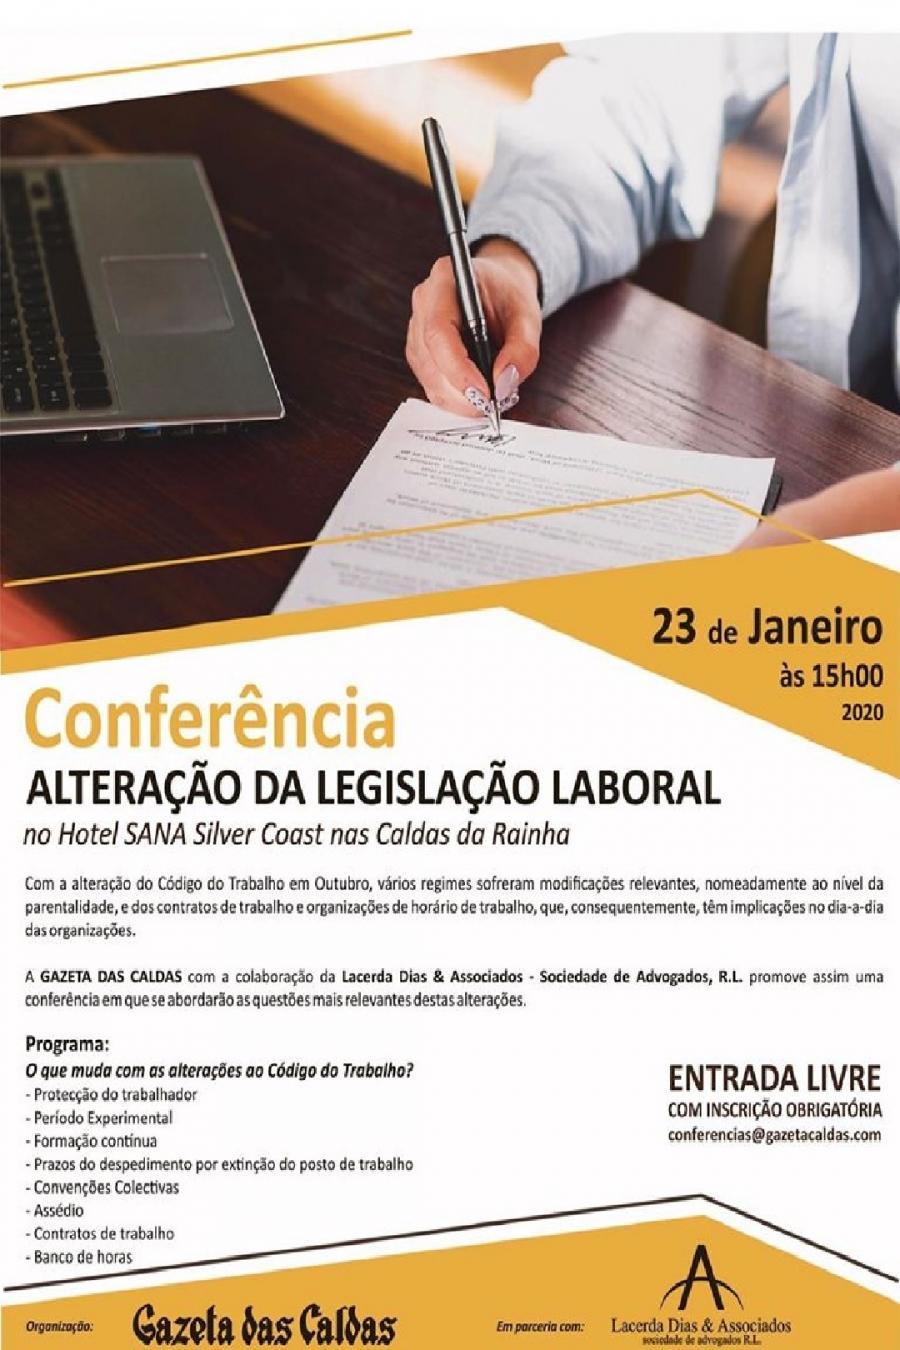 Conferência 'Alteração da Legislação Laboral'